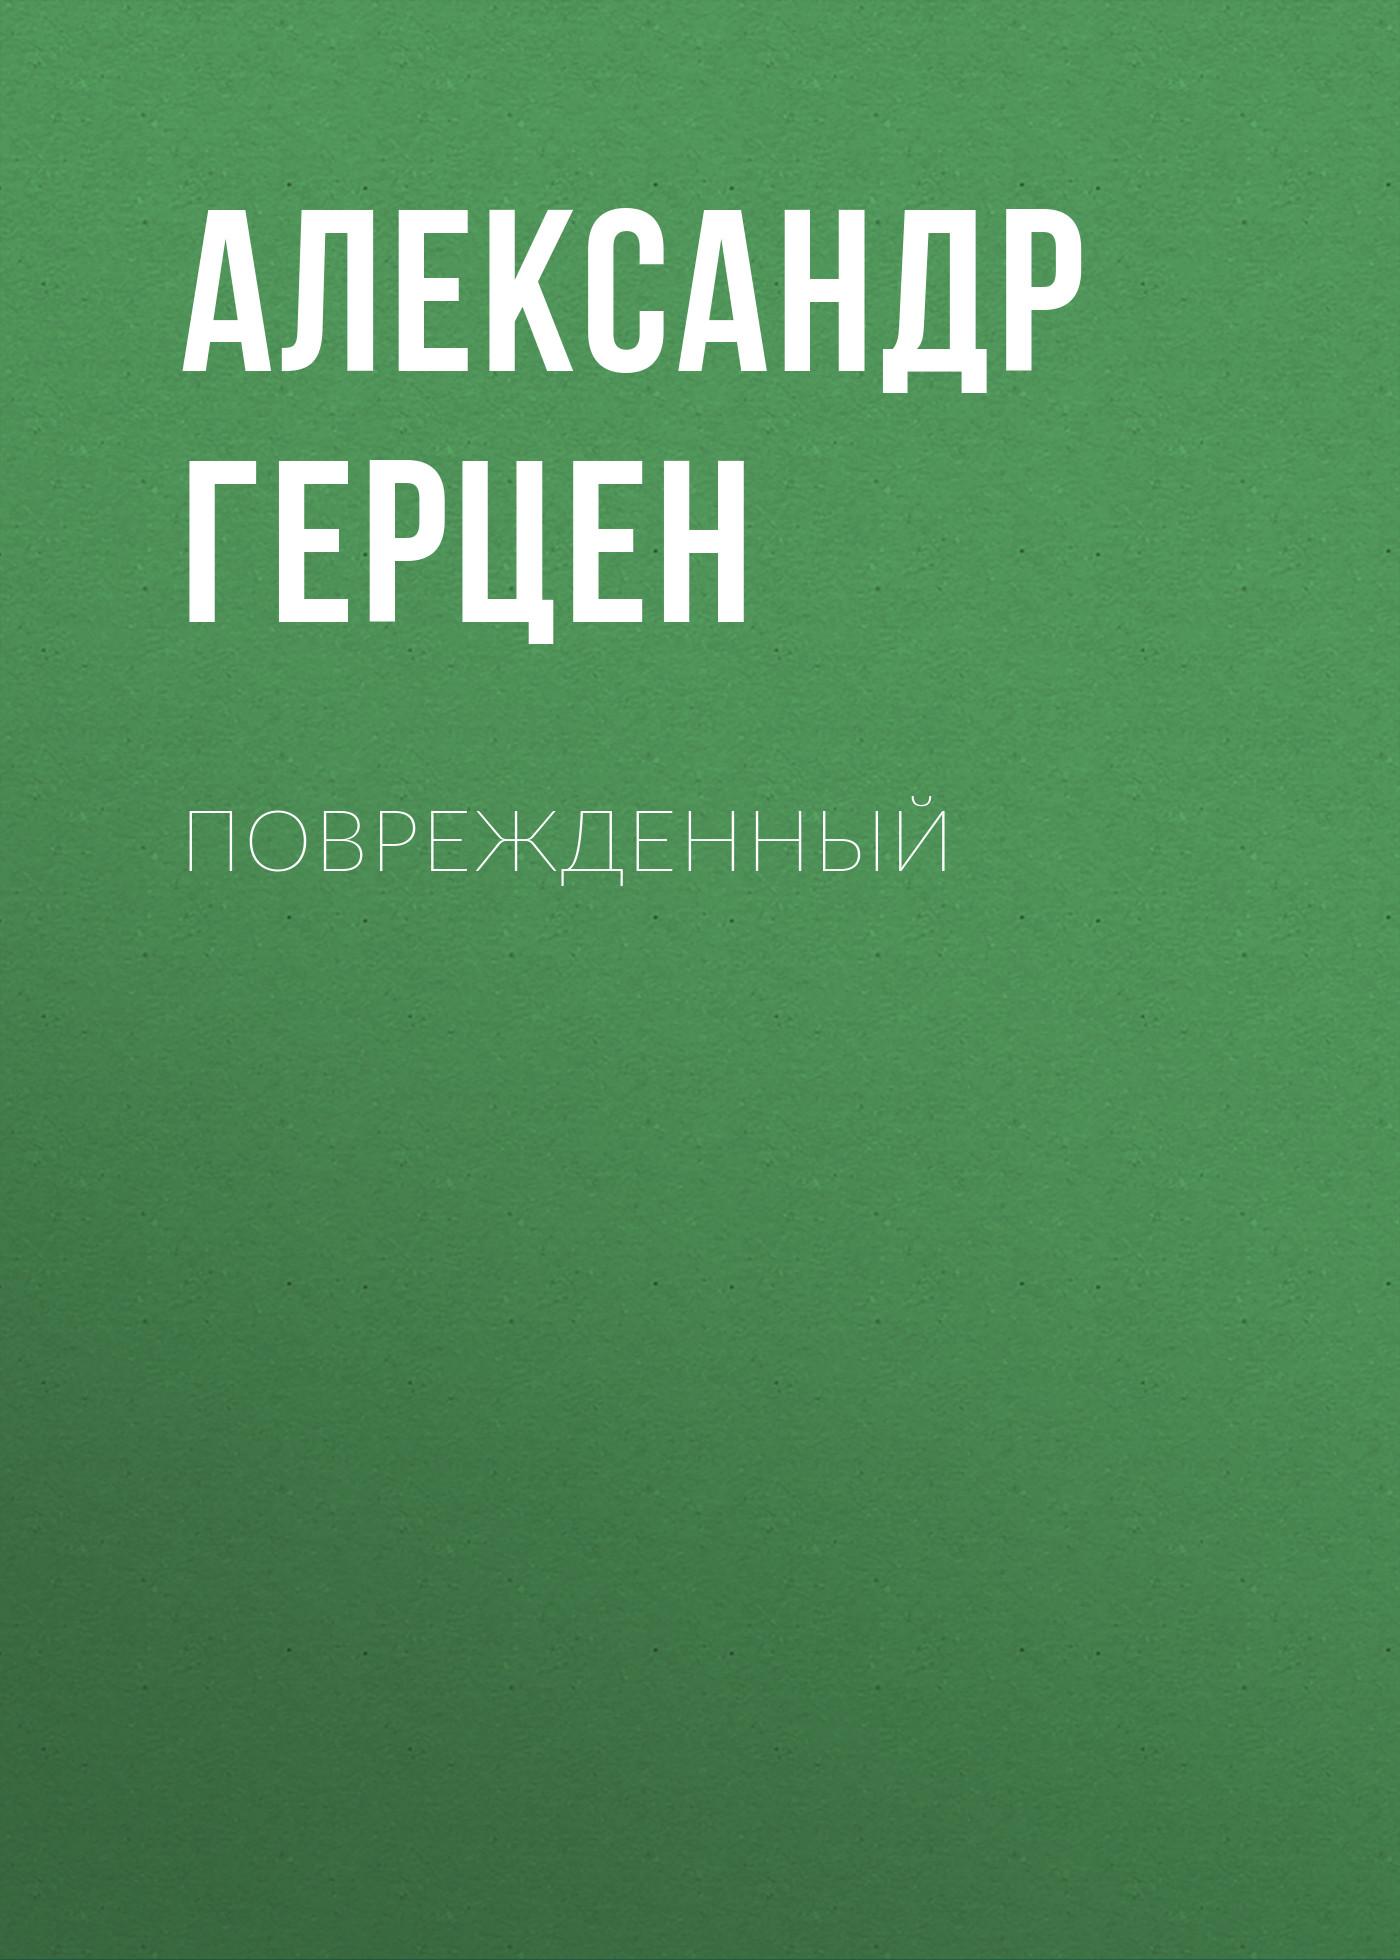 Купить книгу Поврежденный, автора Александра Герцена